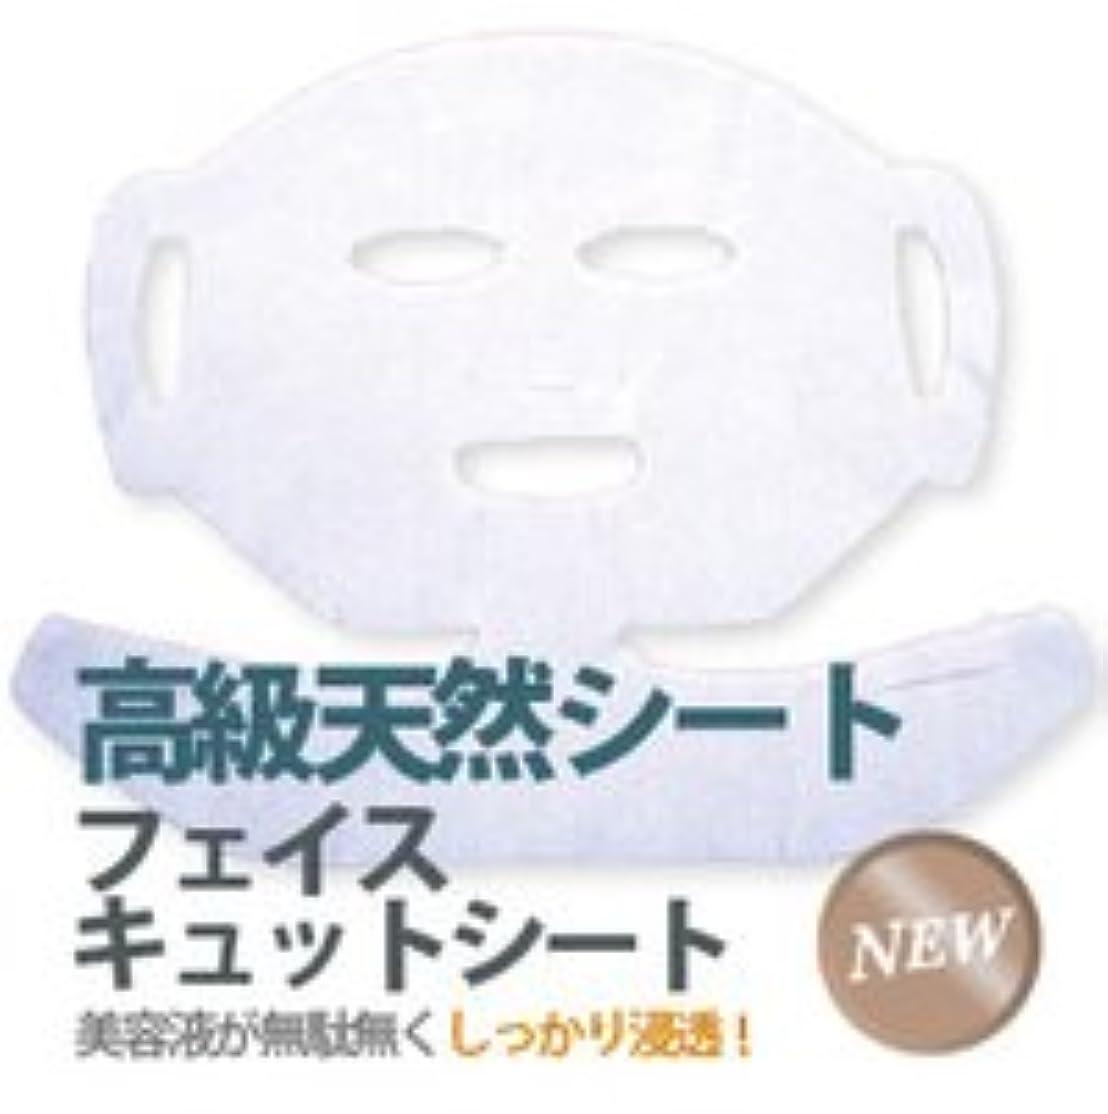 創造しっとり不愉快にフェイスキュットシート 【100枚入】